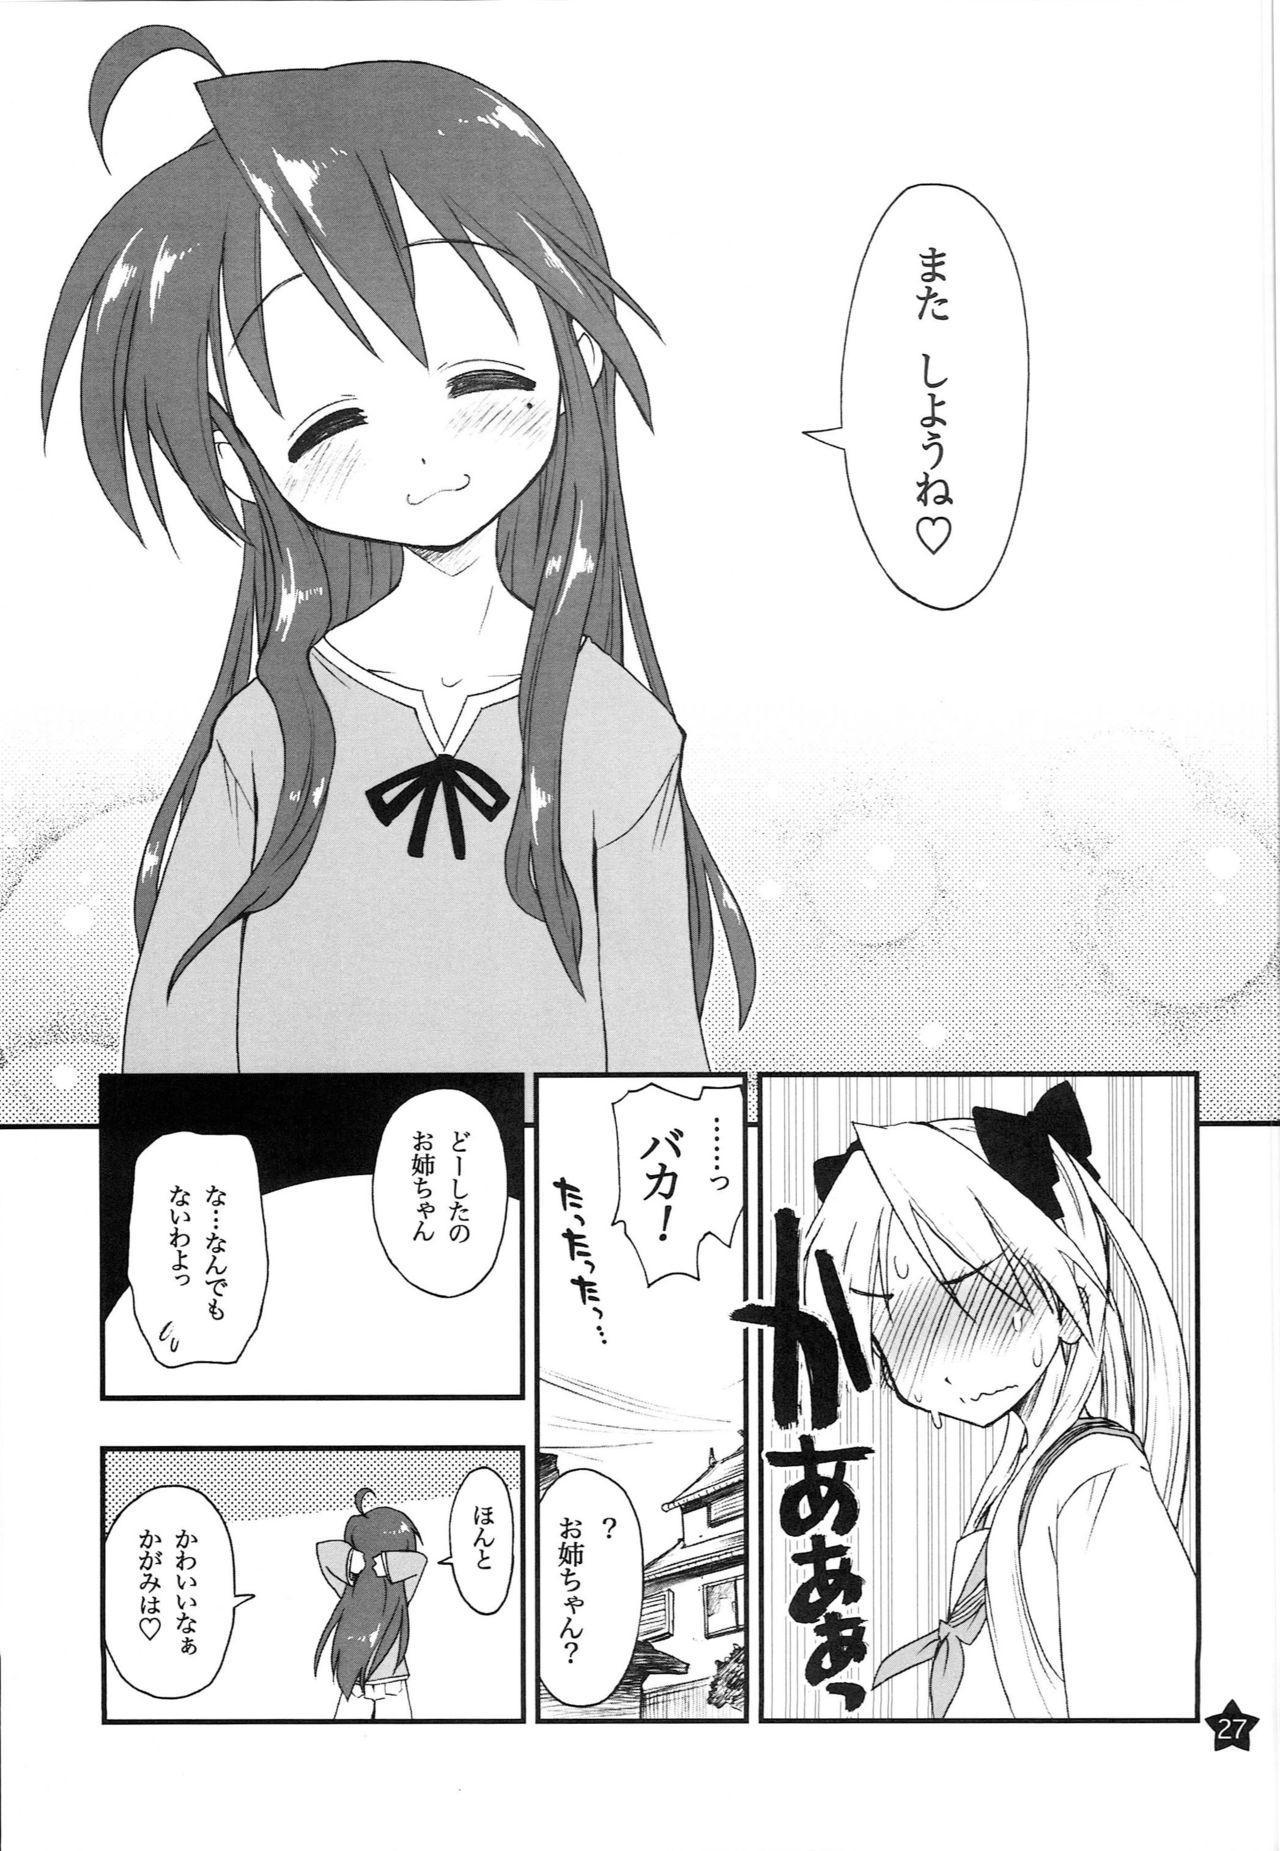 [Girigiri Nijiiro (Kamino Ryu-ya)] Ohirune Shitetara Kona-chan to Onee-chan ga Kona-chan no Oji-san ni... (Lucky Star) [2009-06-09] 25